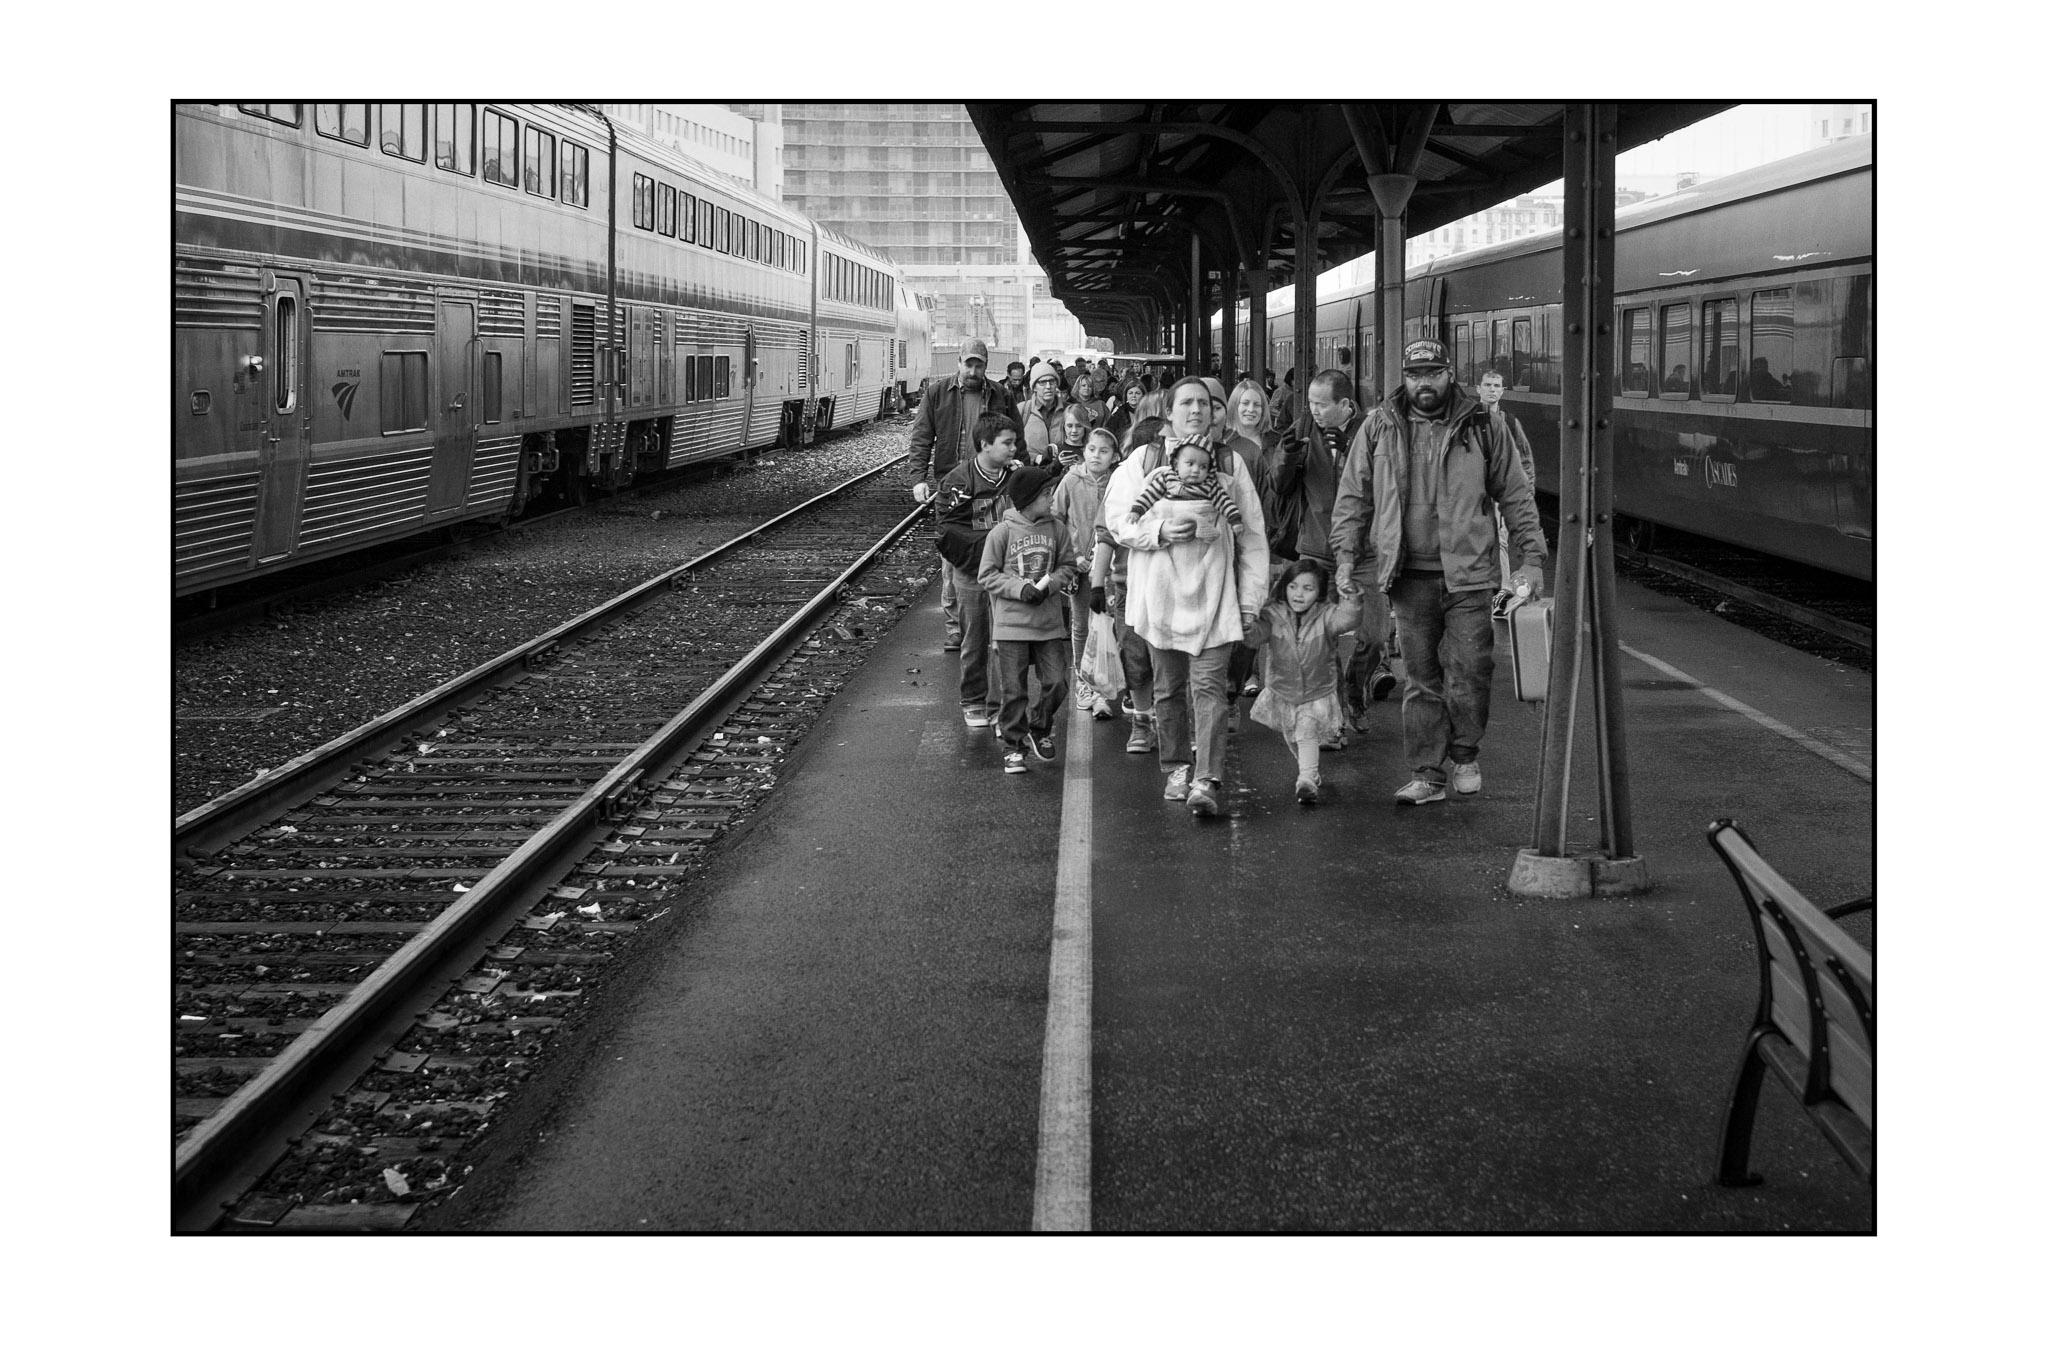 Union Station, Portland, Oregon, USA (2014)